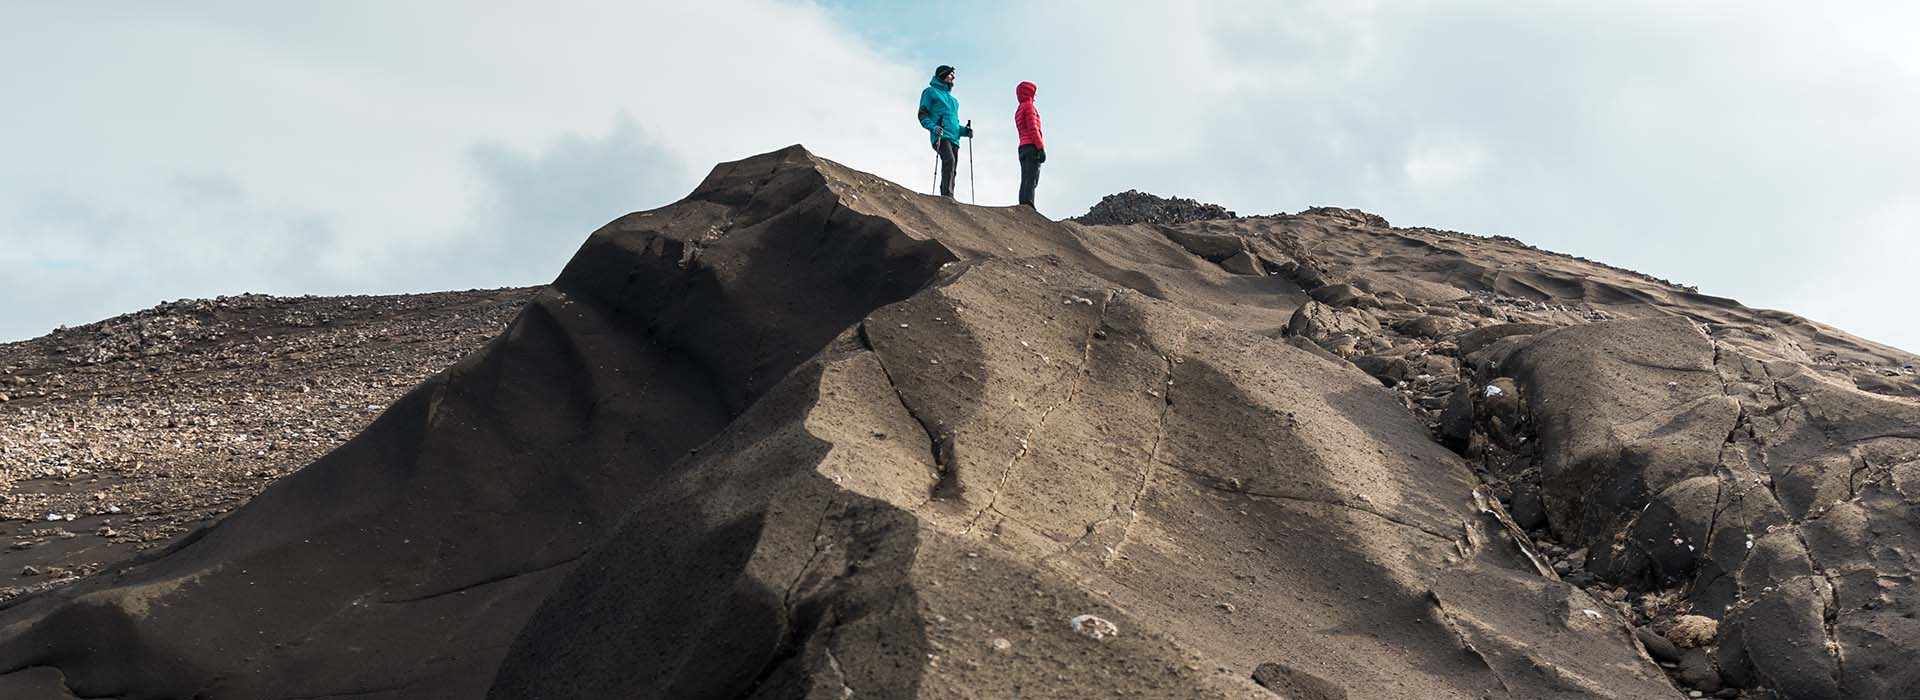 Icelandic raincoats